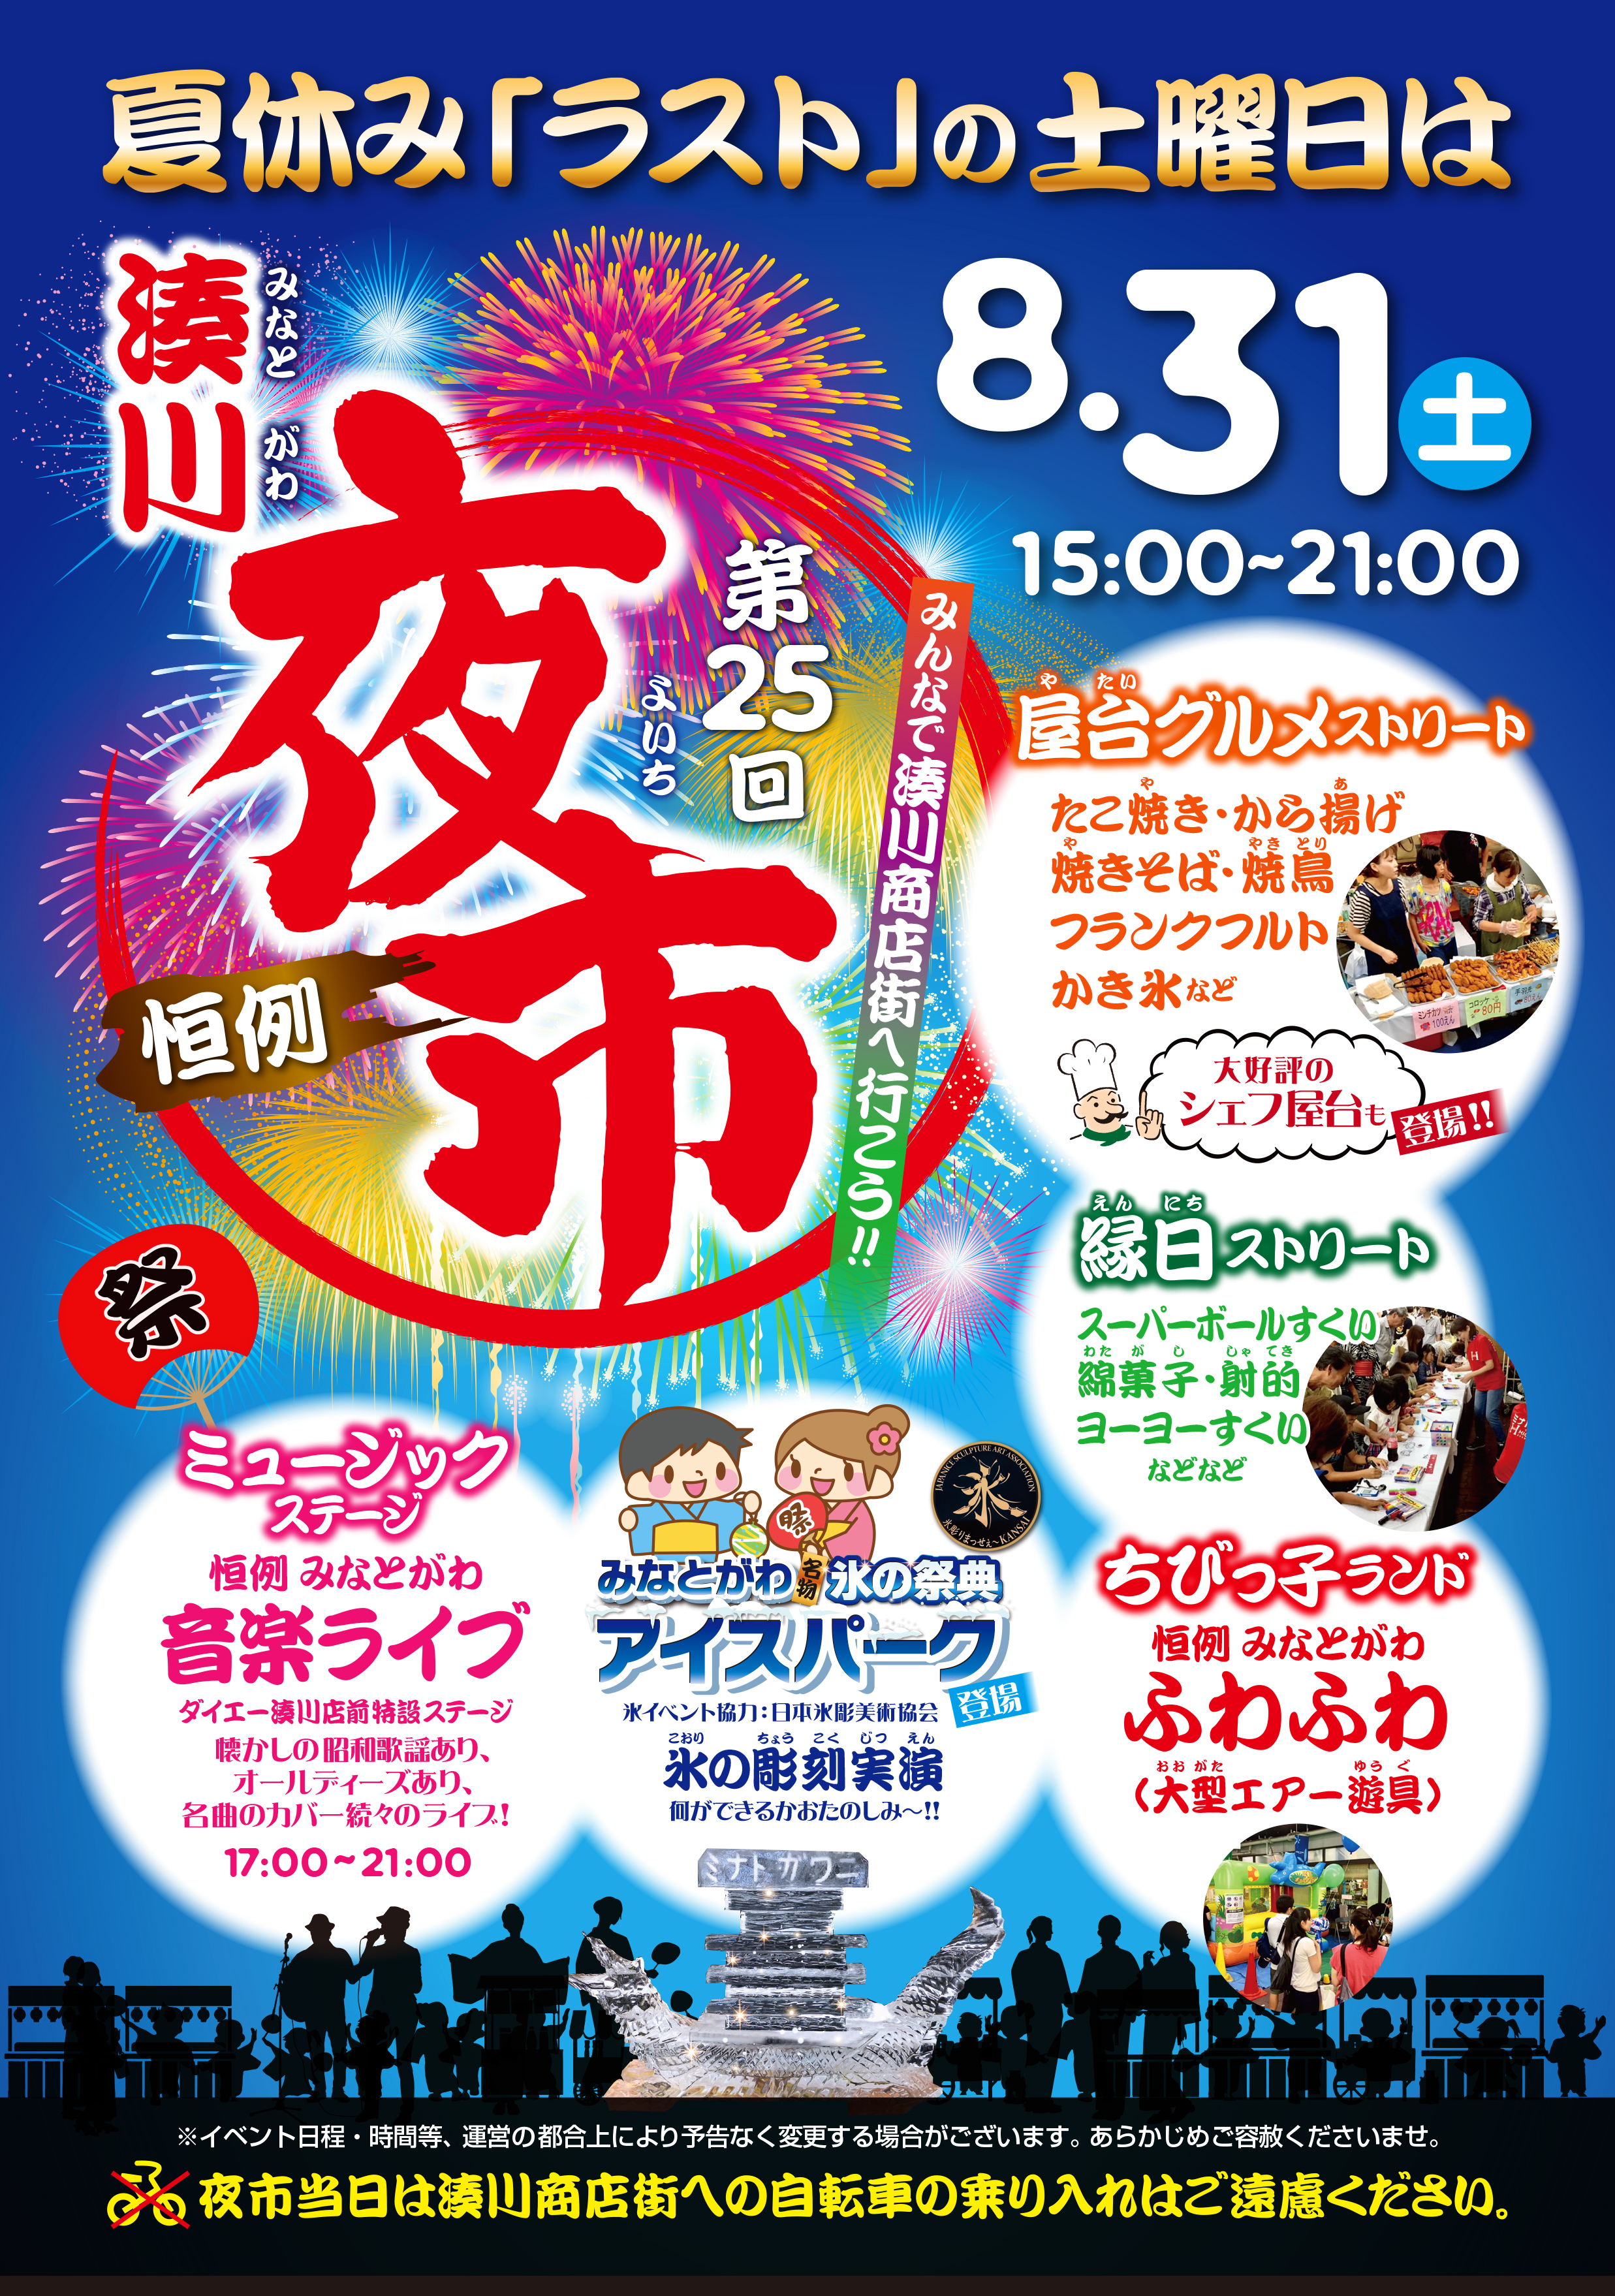 2019_7_30_湊川夜市web